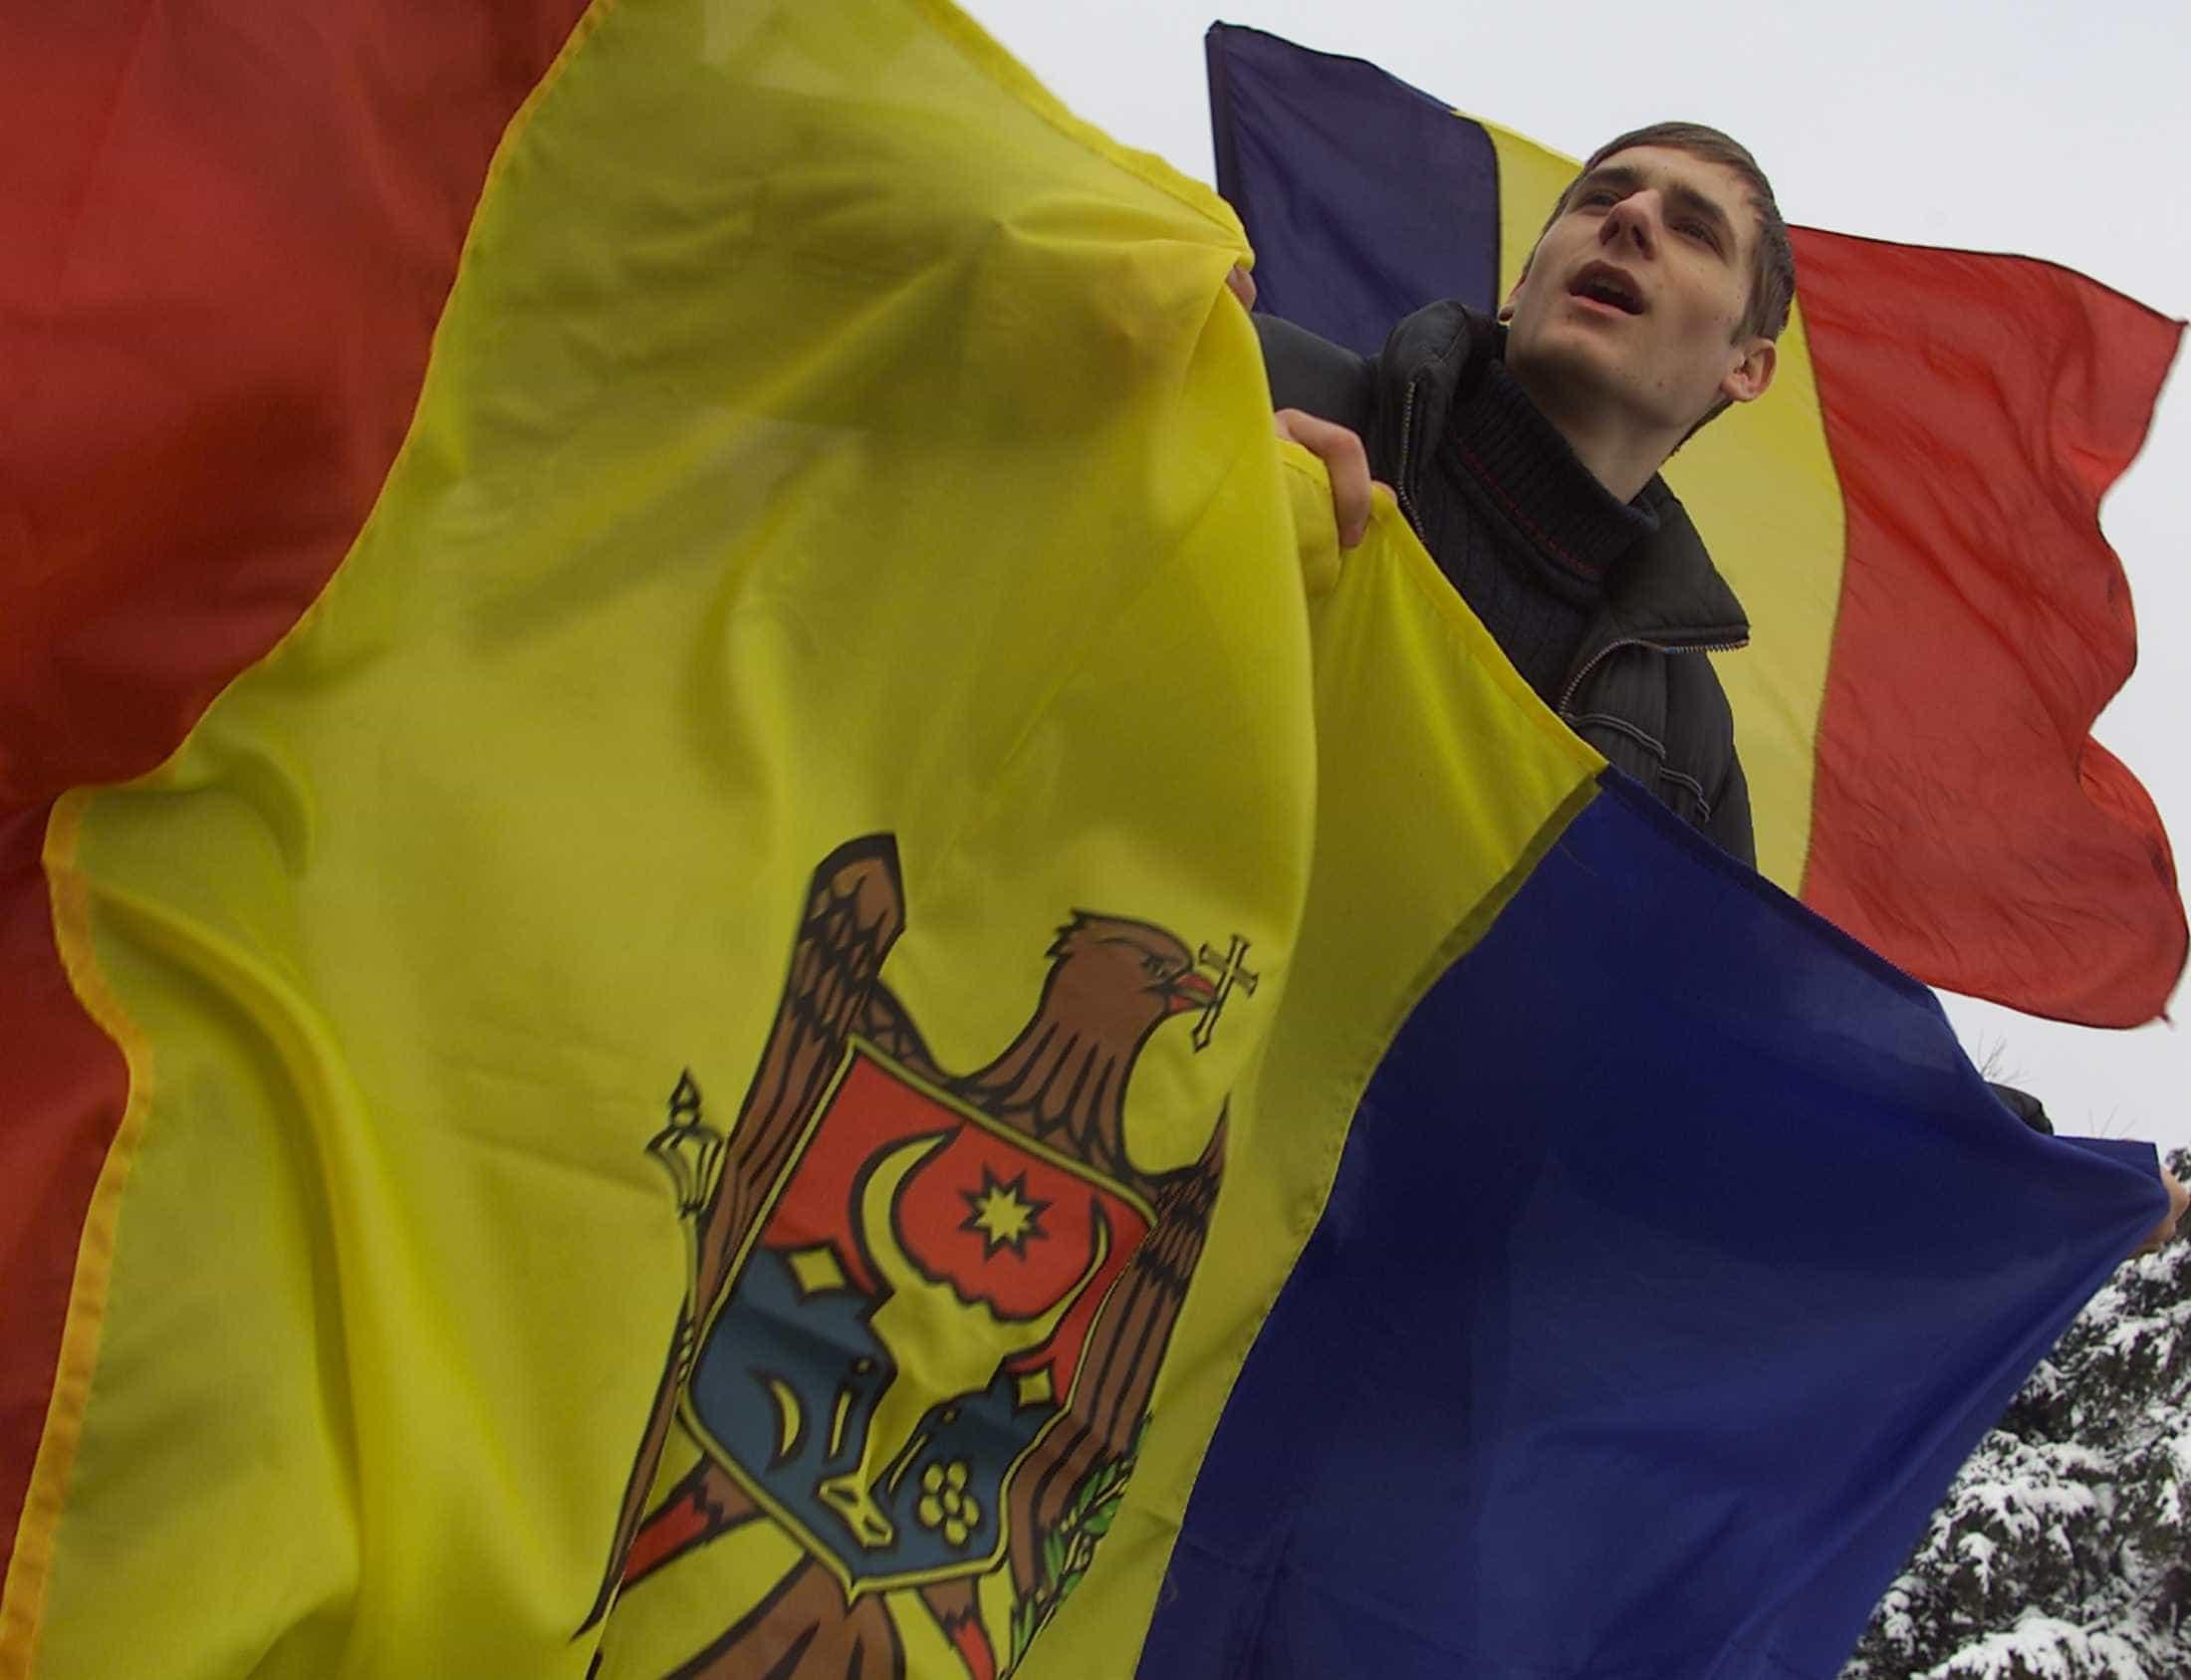 Facebook admite atividade suspeita antes de eleições na Moldávia